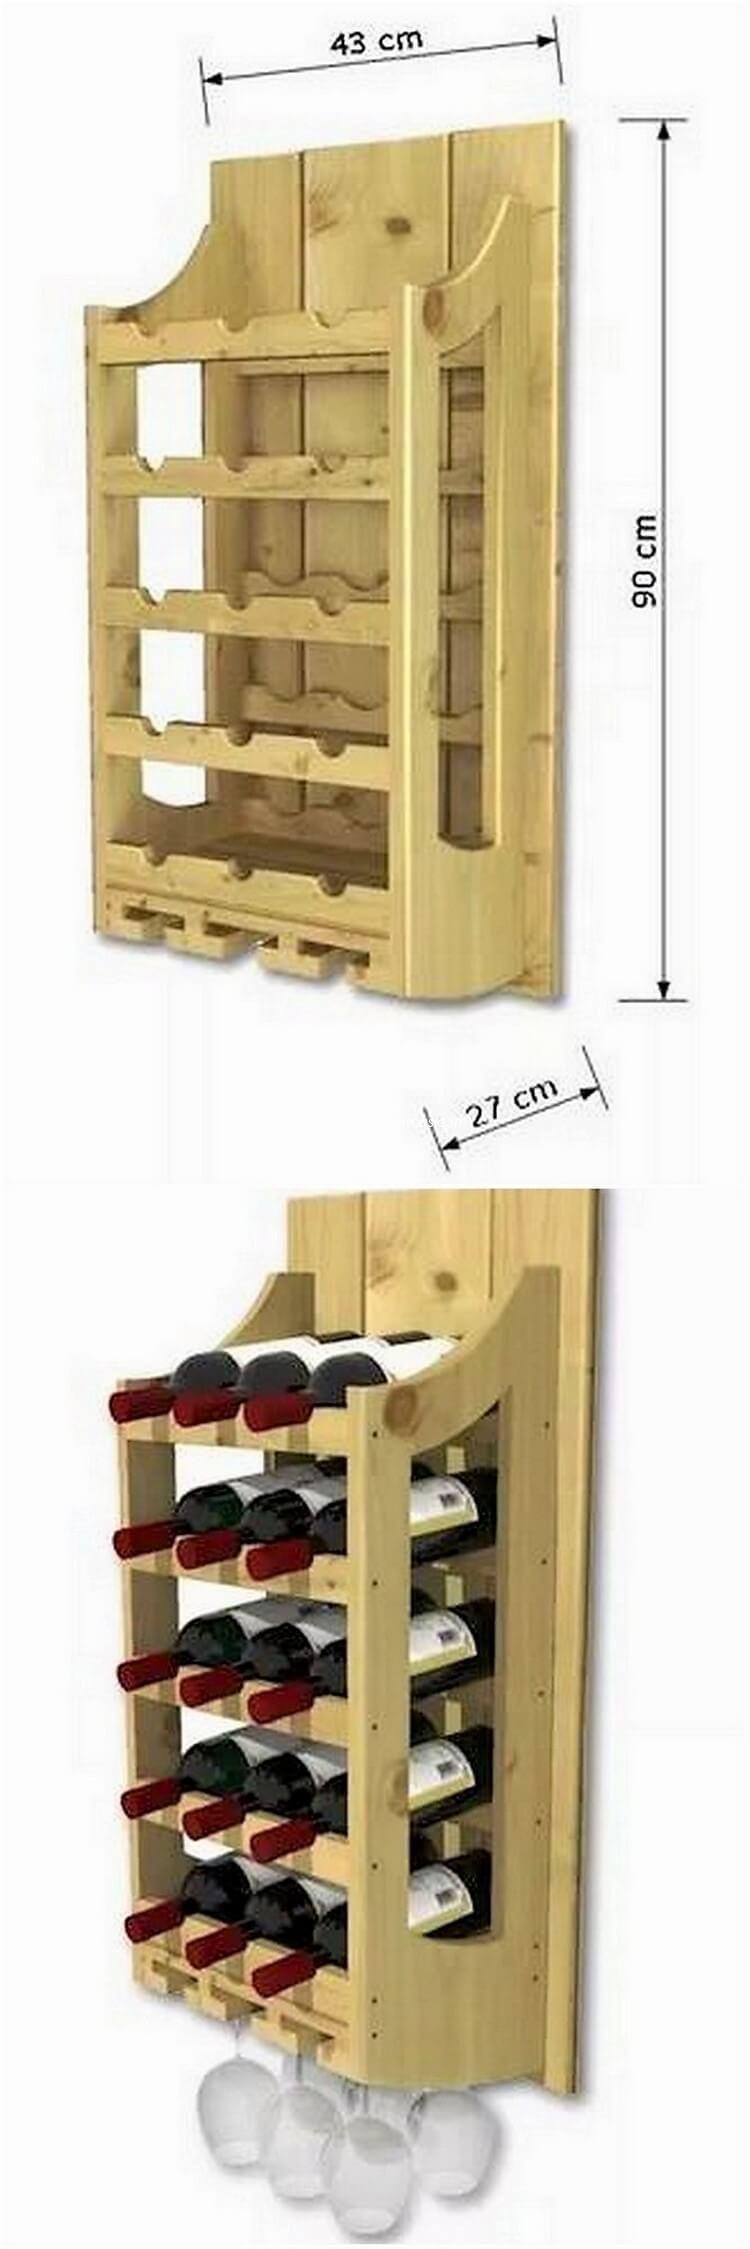 Pallet Wine Rack Wine Rack Design Pallet Wine Rack Diy Wood